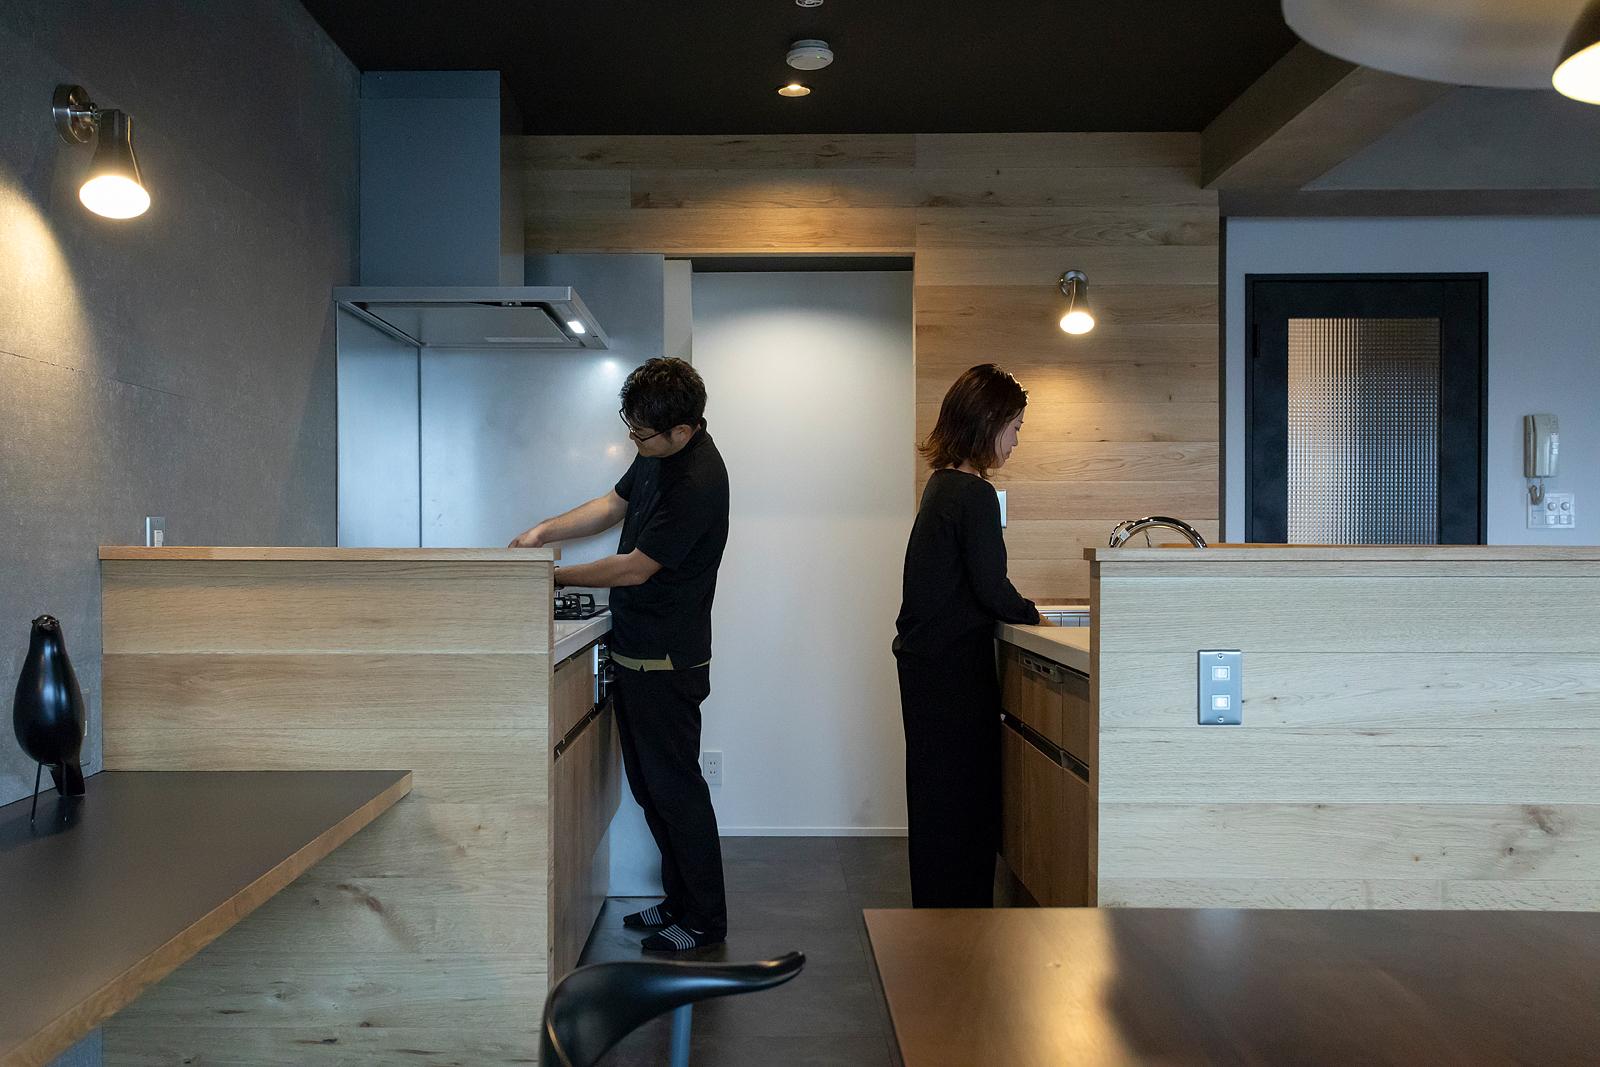 キッチンは二人で立っても充分な広さと幅を確保。ご夫婦ともに料理好きなので、二人で作業がしやすいセパレートタイプのキッチンを選んだ